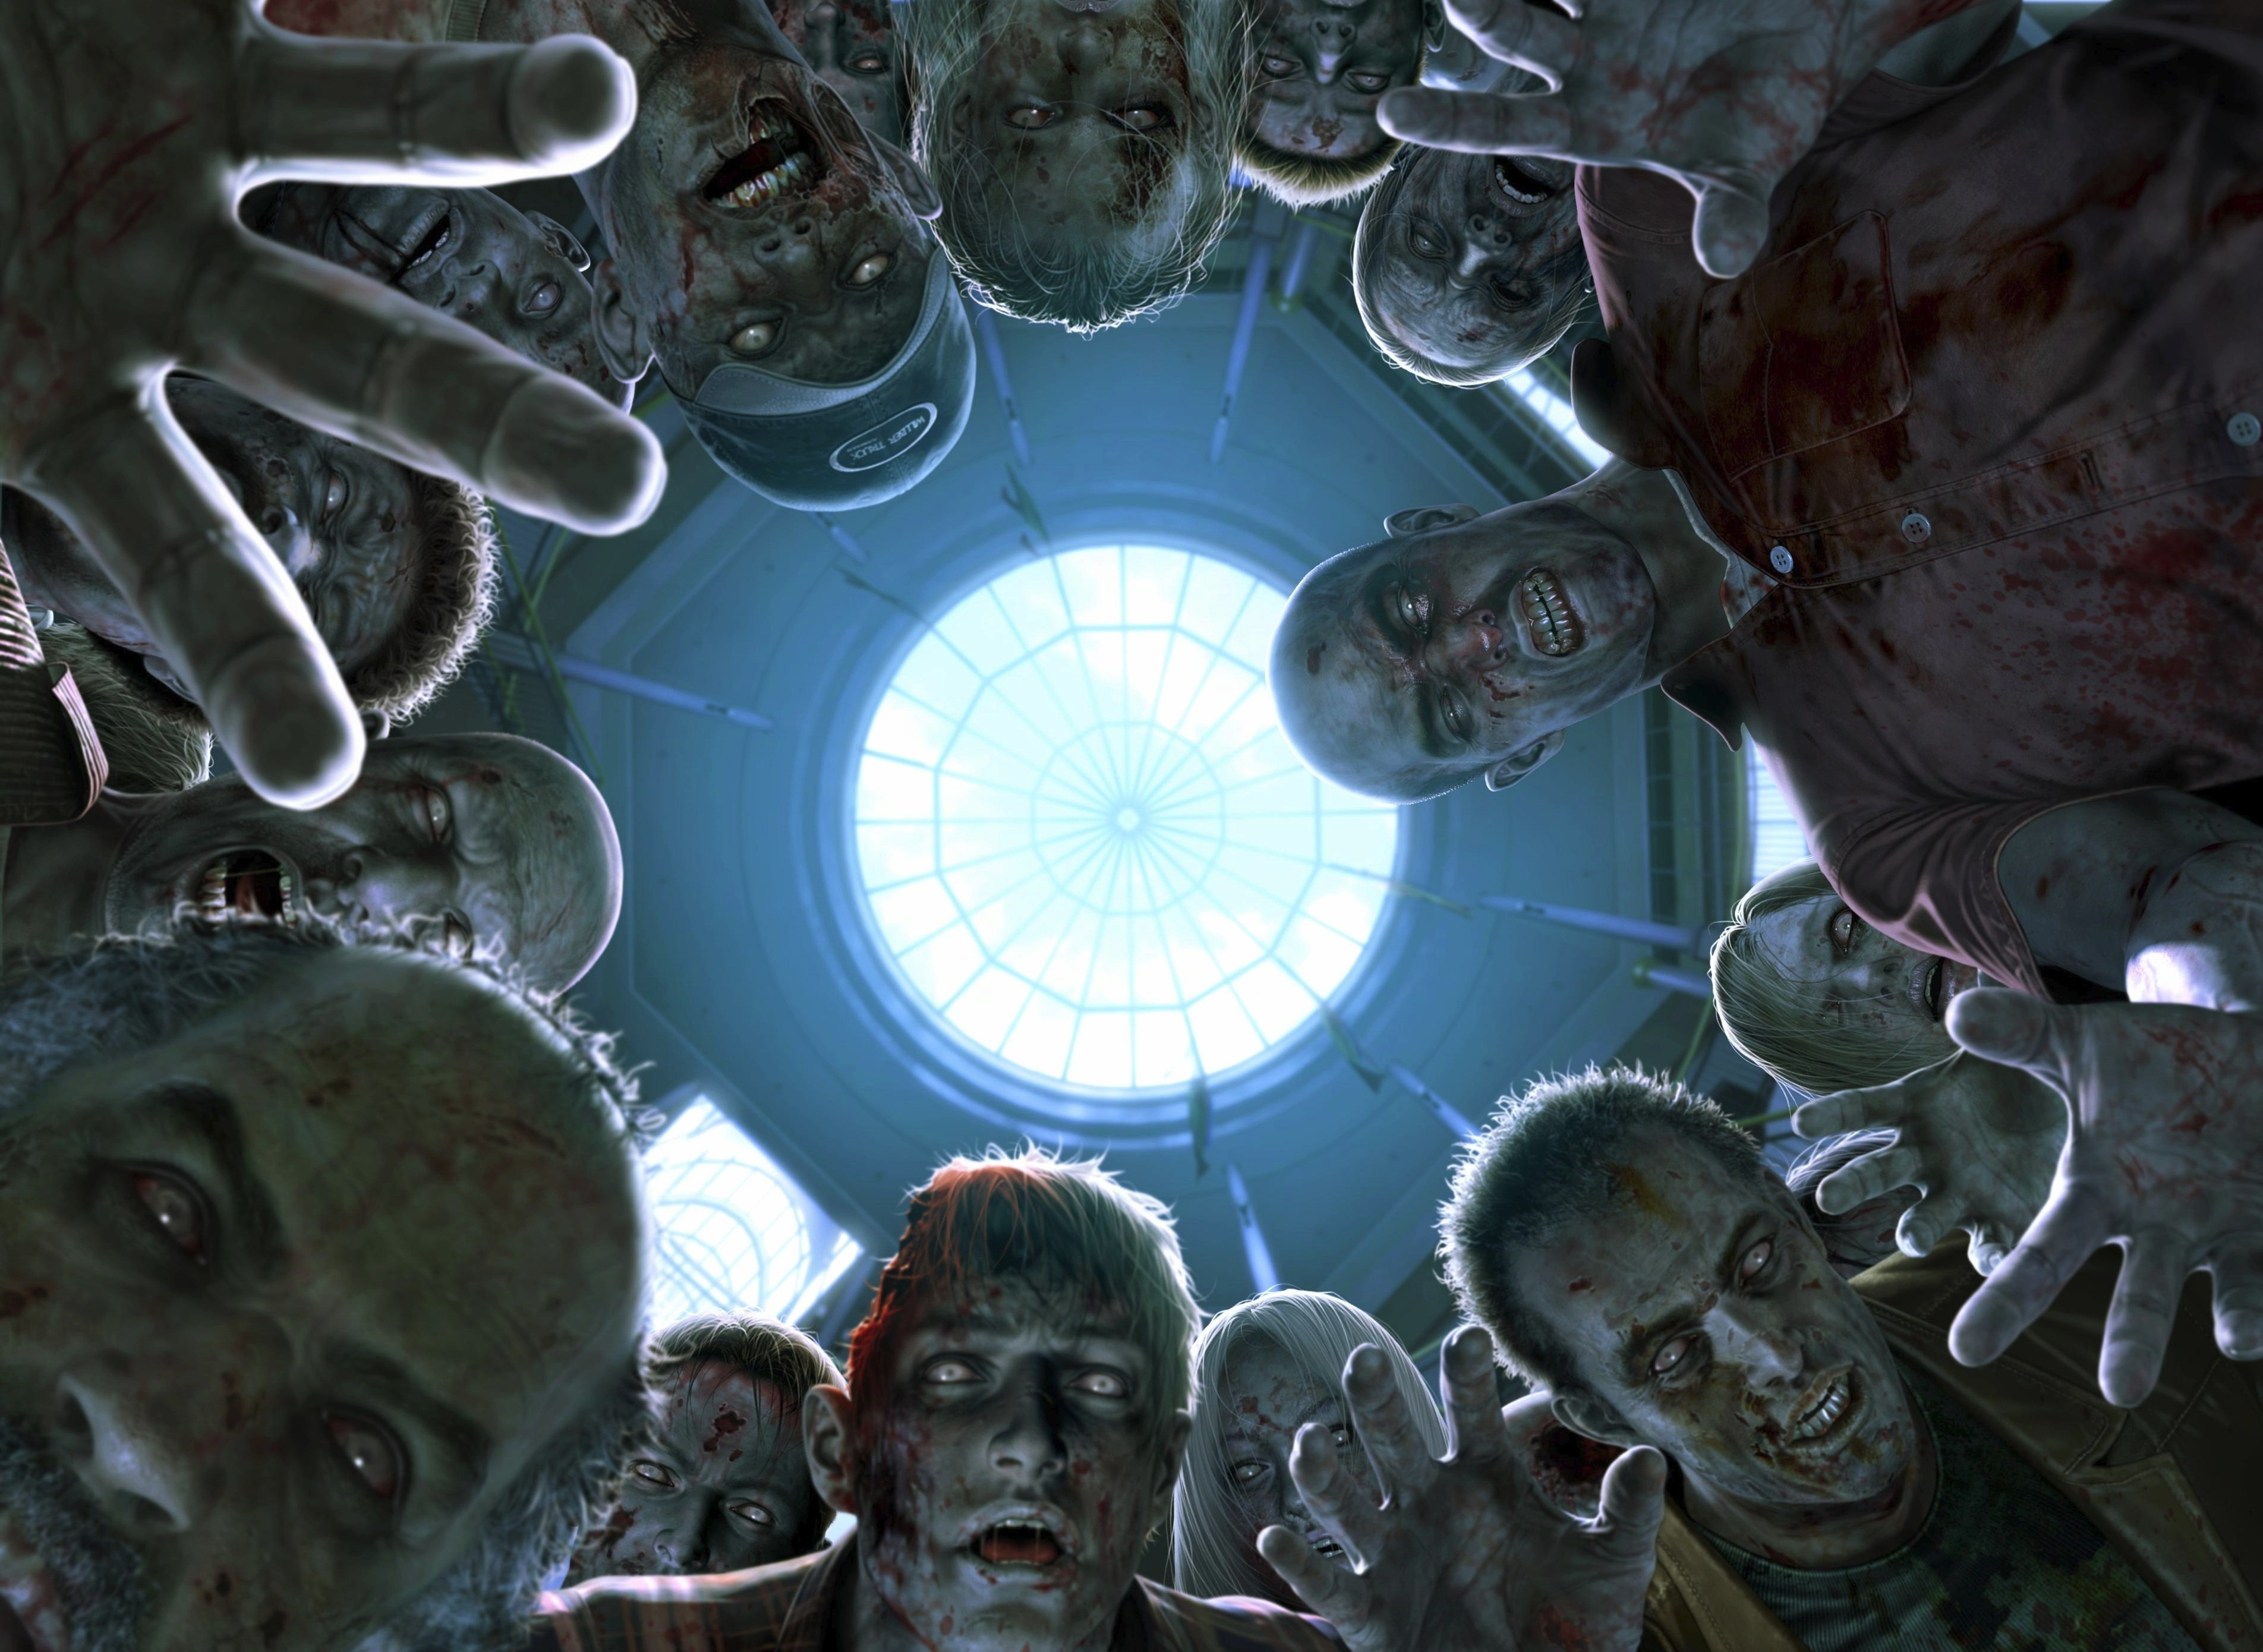 Обои на рабочий стол которые двигаются зомби